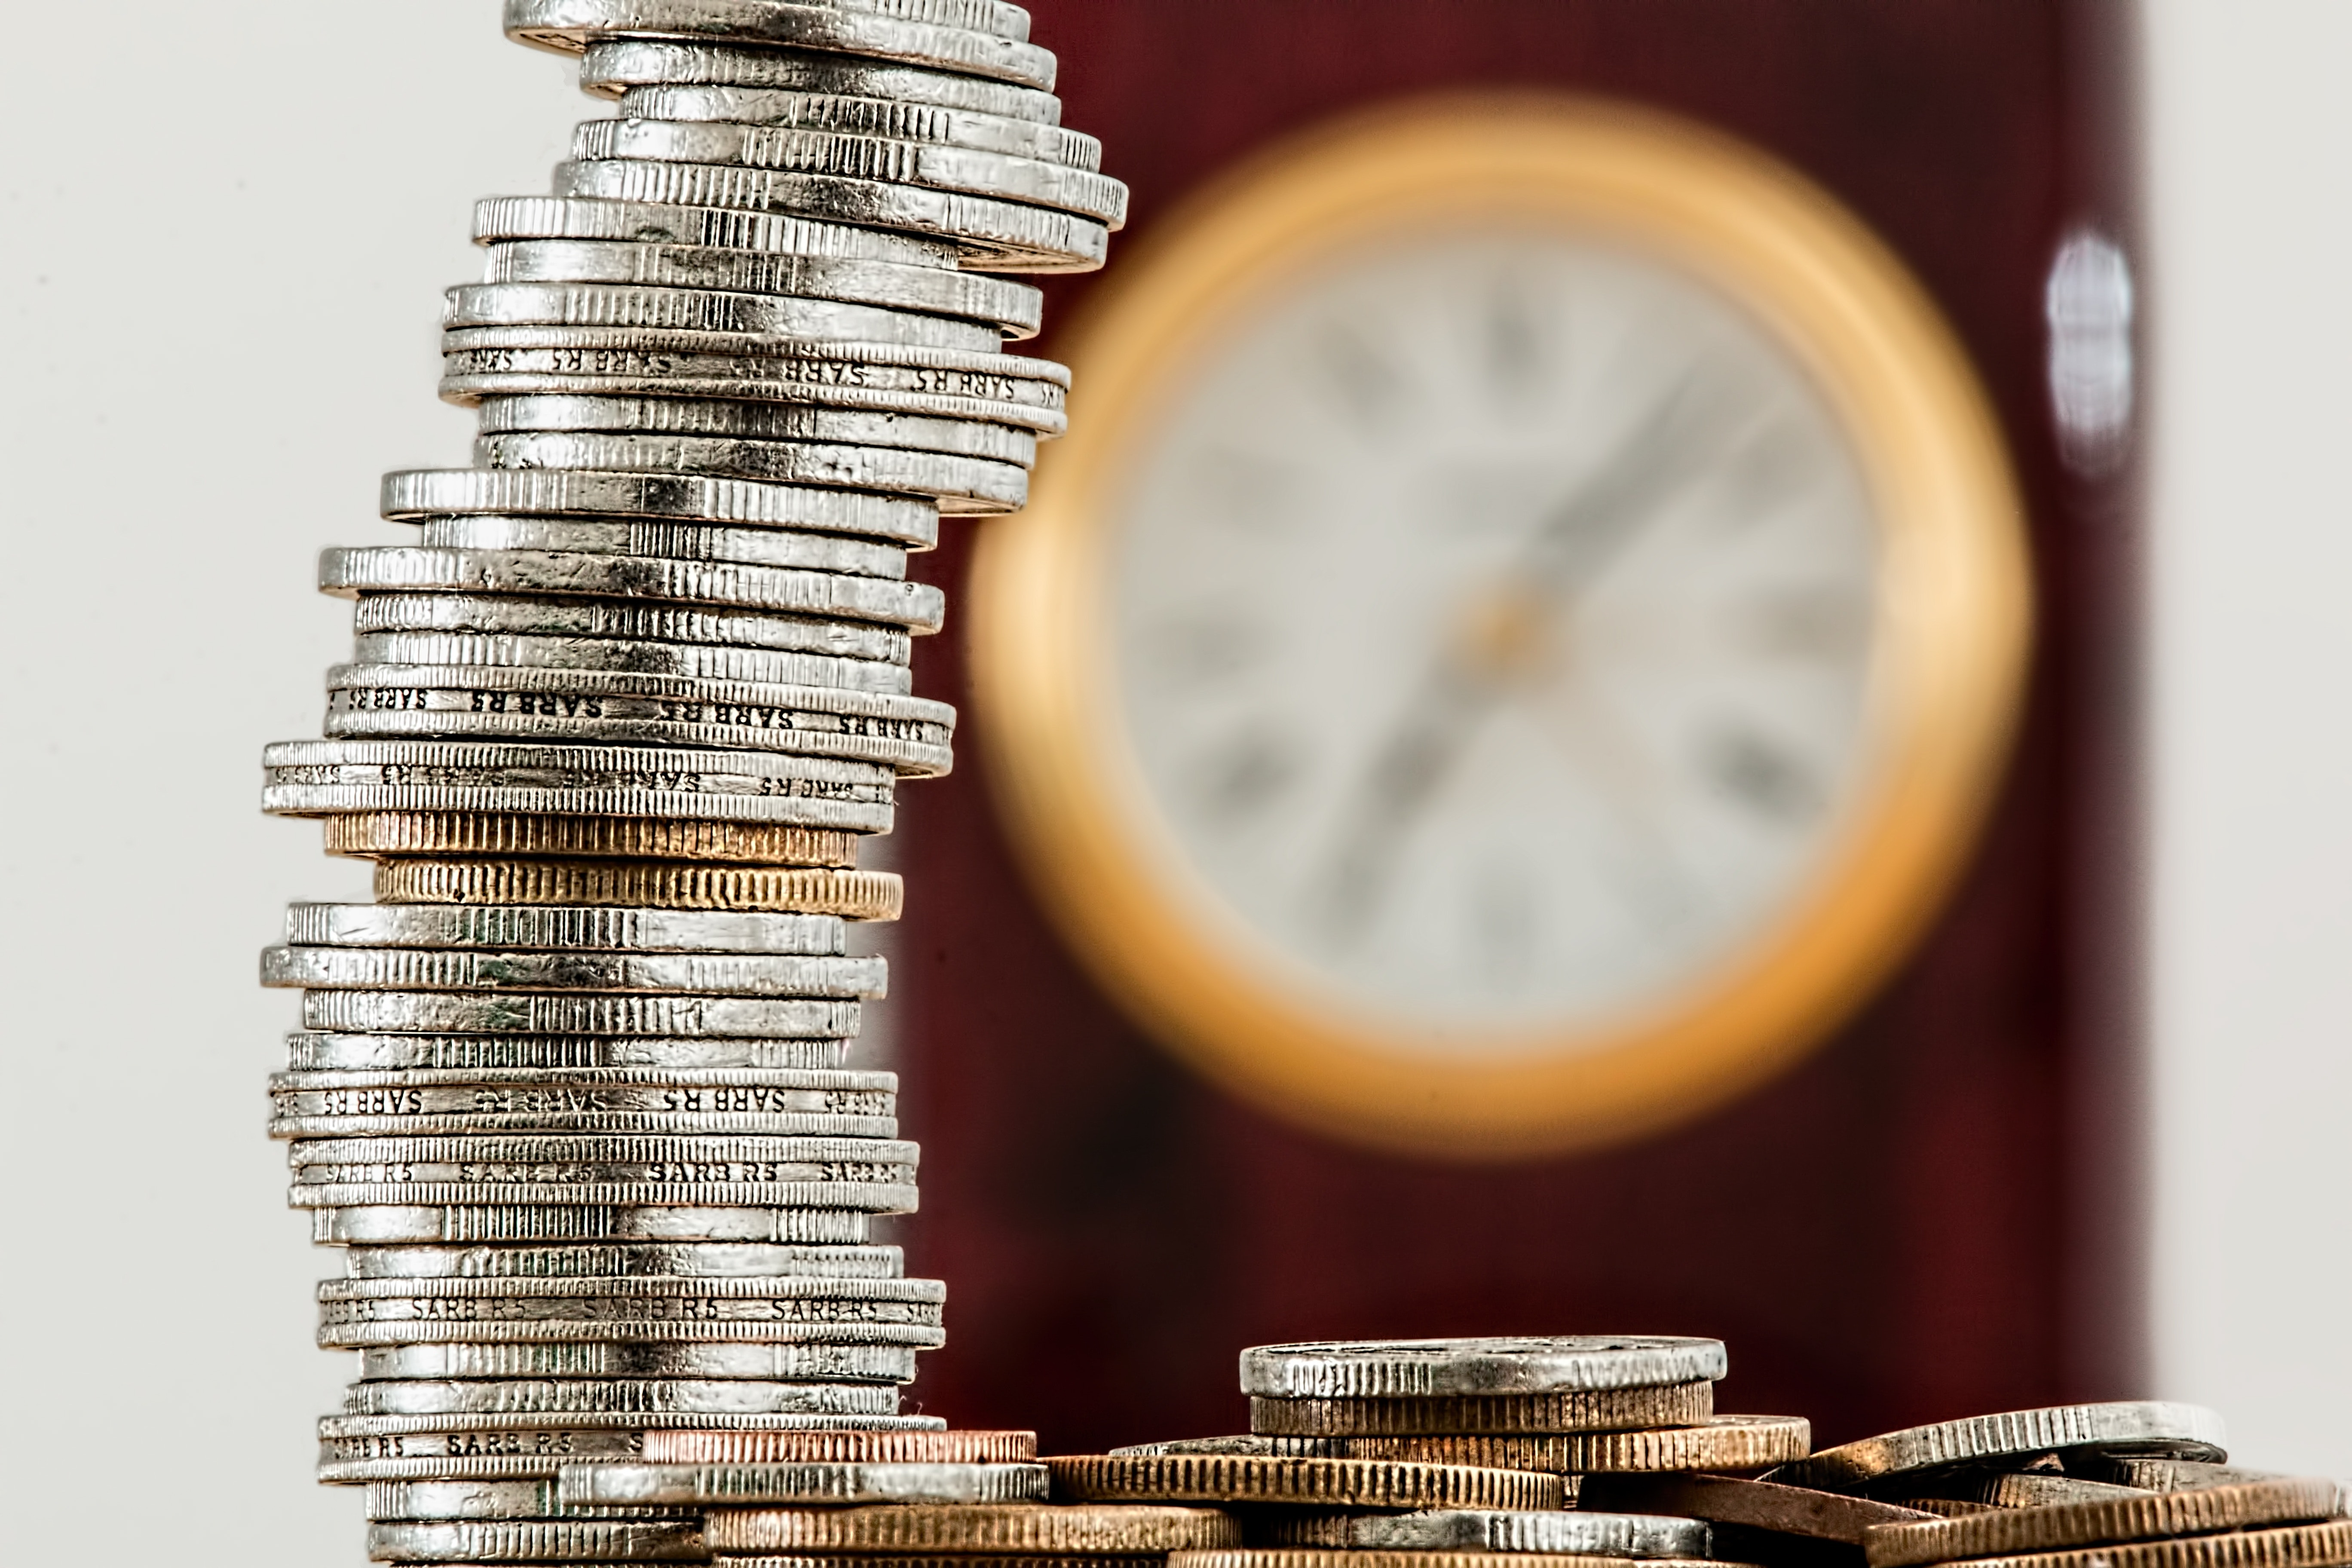 Vemos uma pilha de moedas e no fundo um relógio desfocado, remetendo a corretagem.